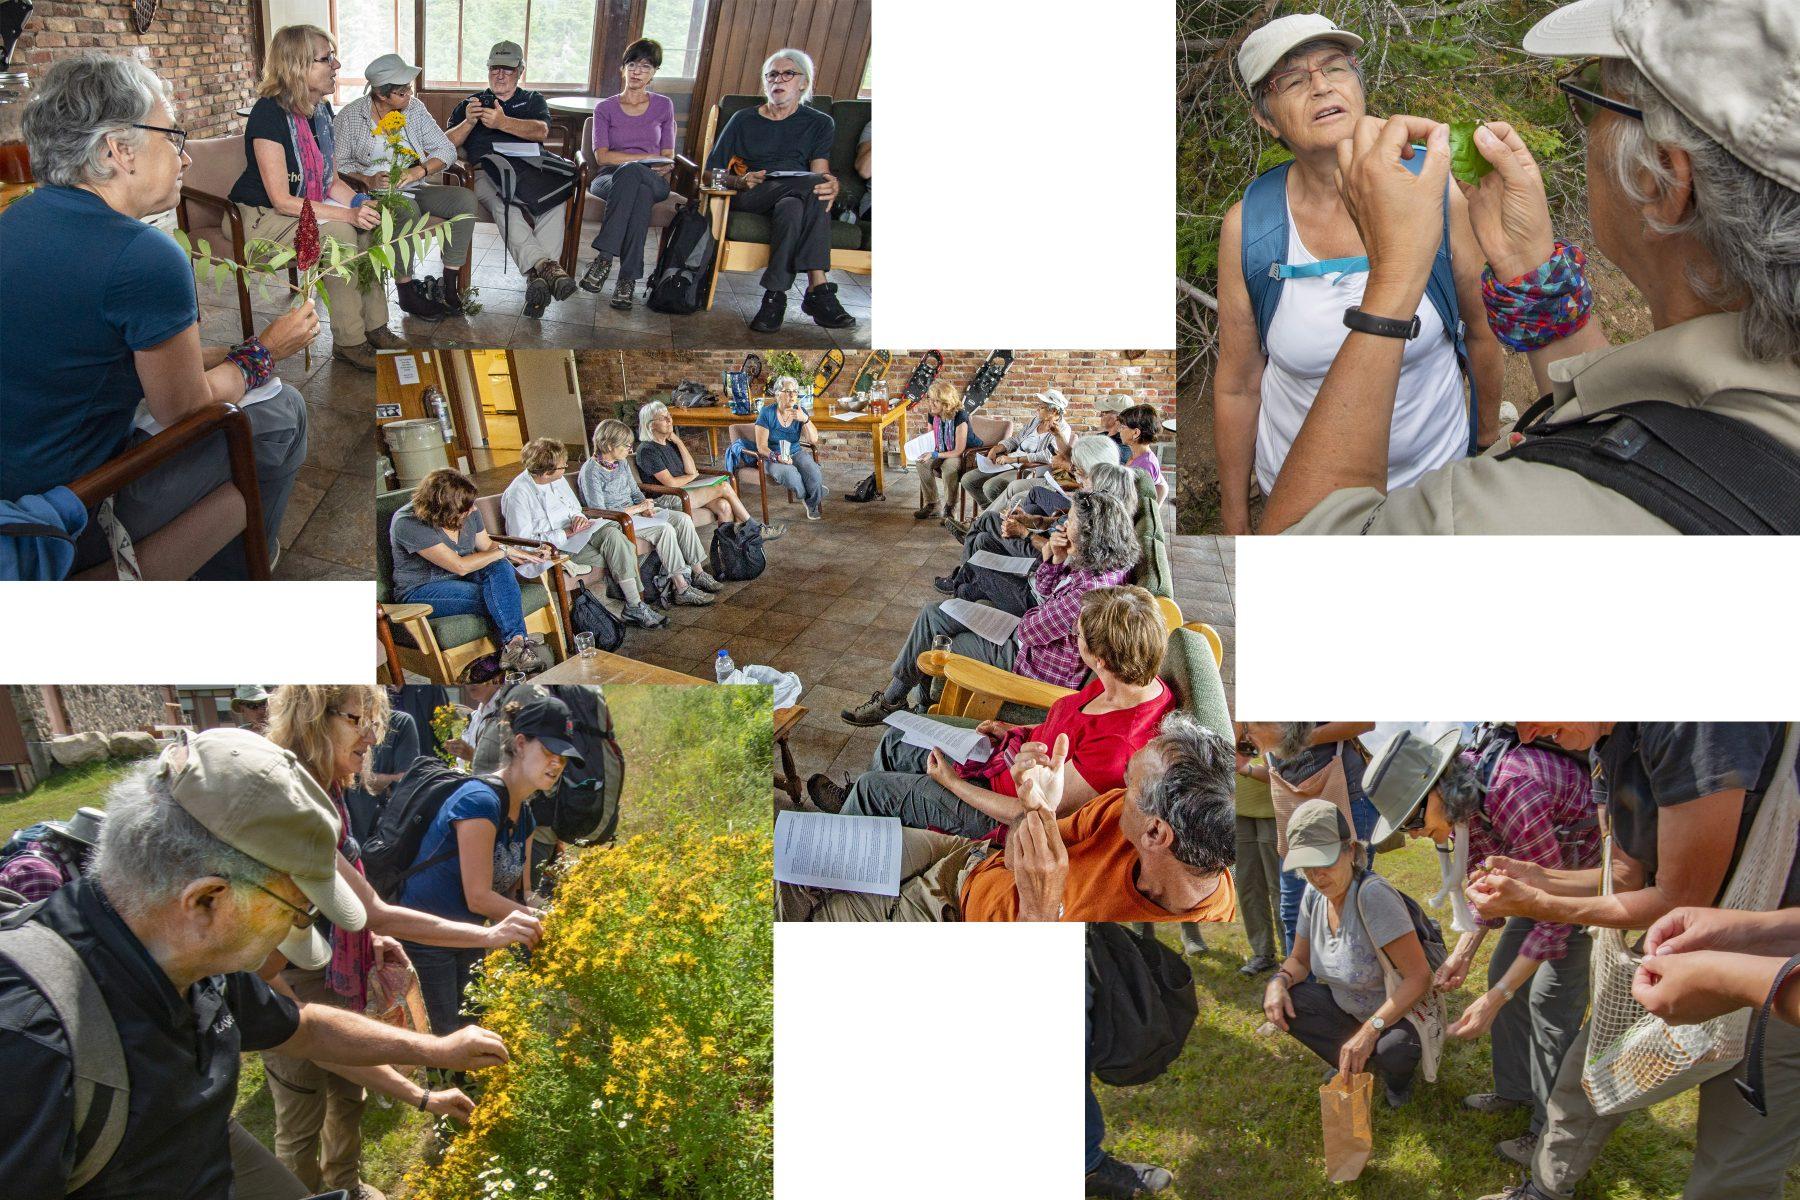 Accueil et préparation des 19 participants à l'atelier sur la cueillette et la cuisine des plantes boréales dans la Forêt Montmorency, les 18 et 19 août 2019.